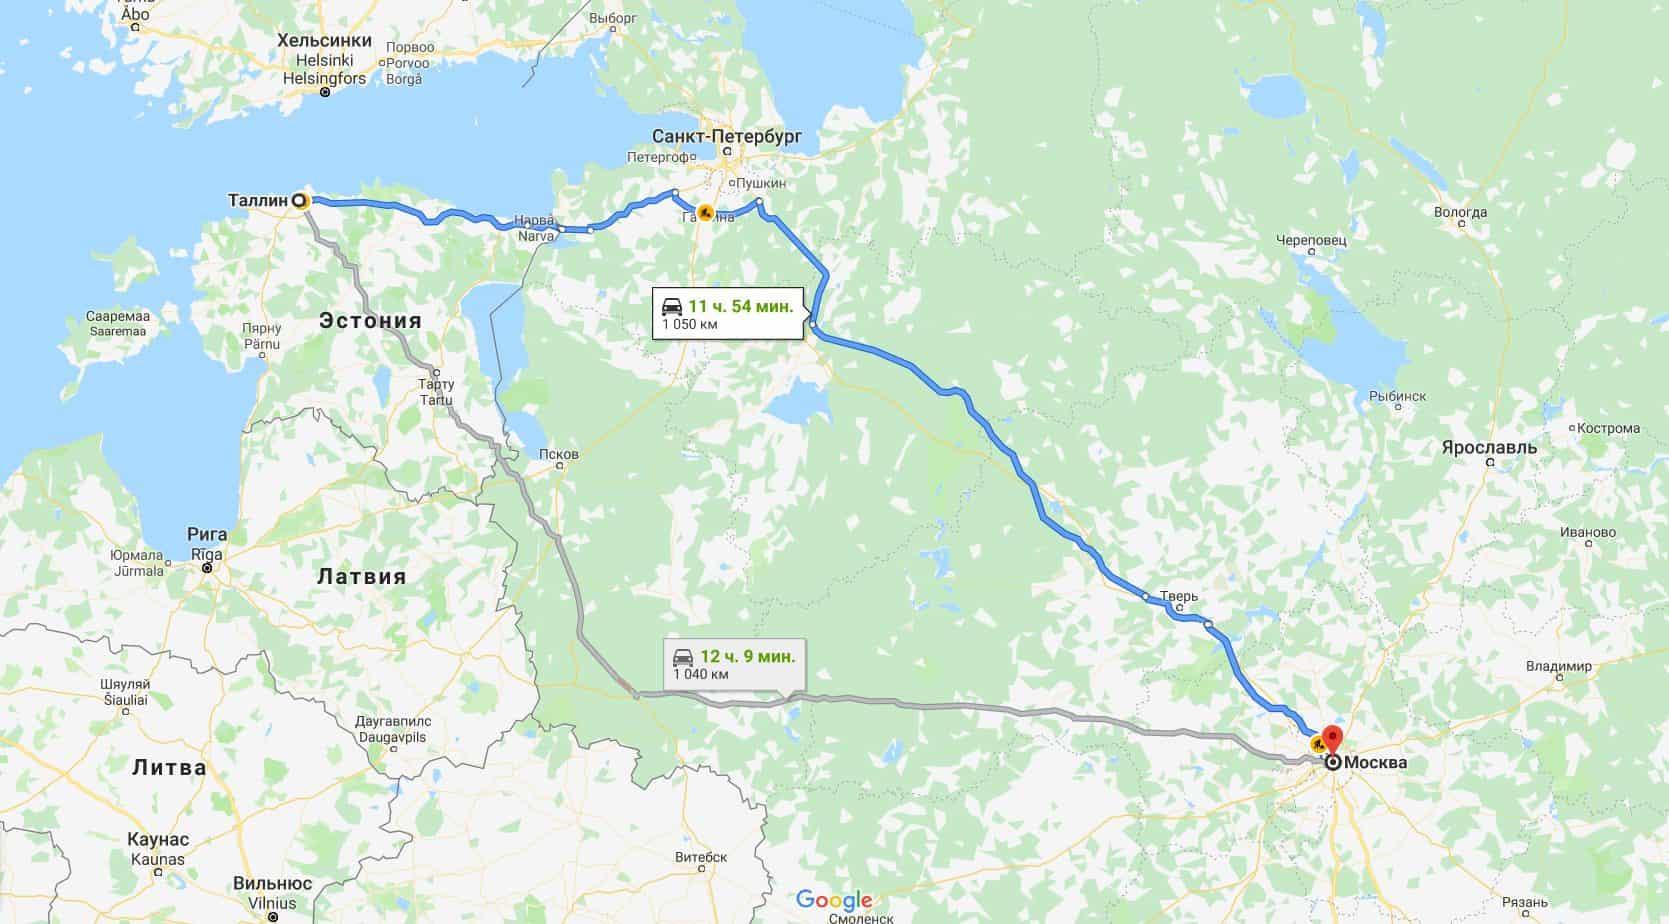 Как добраться до Таллина из Москвы